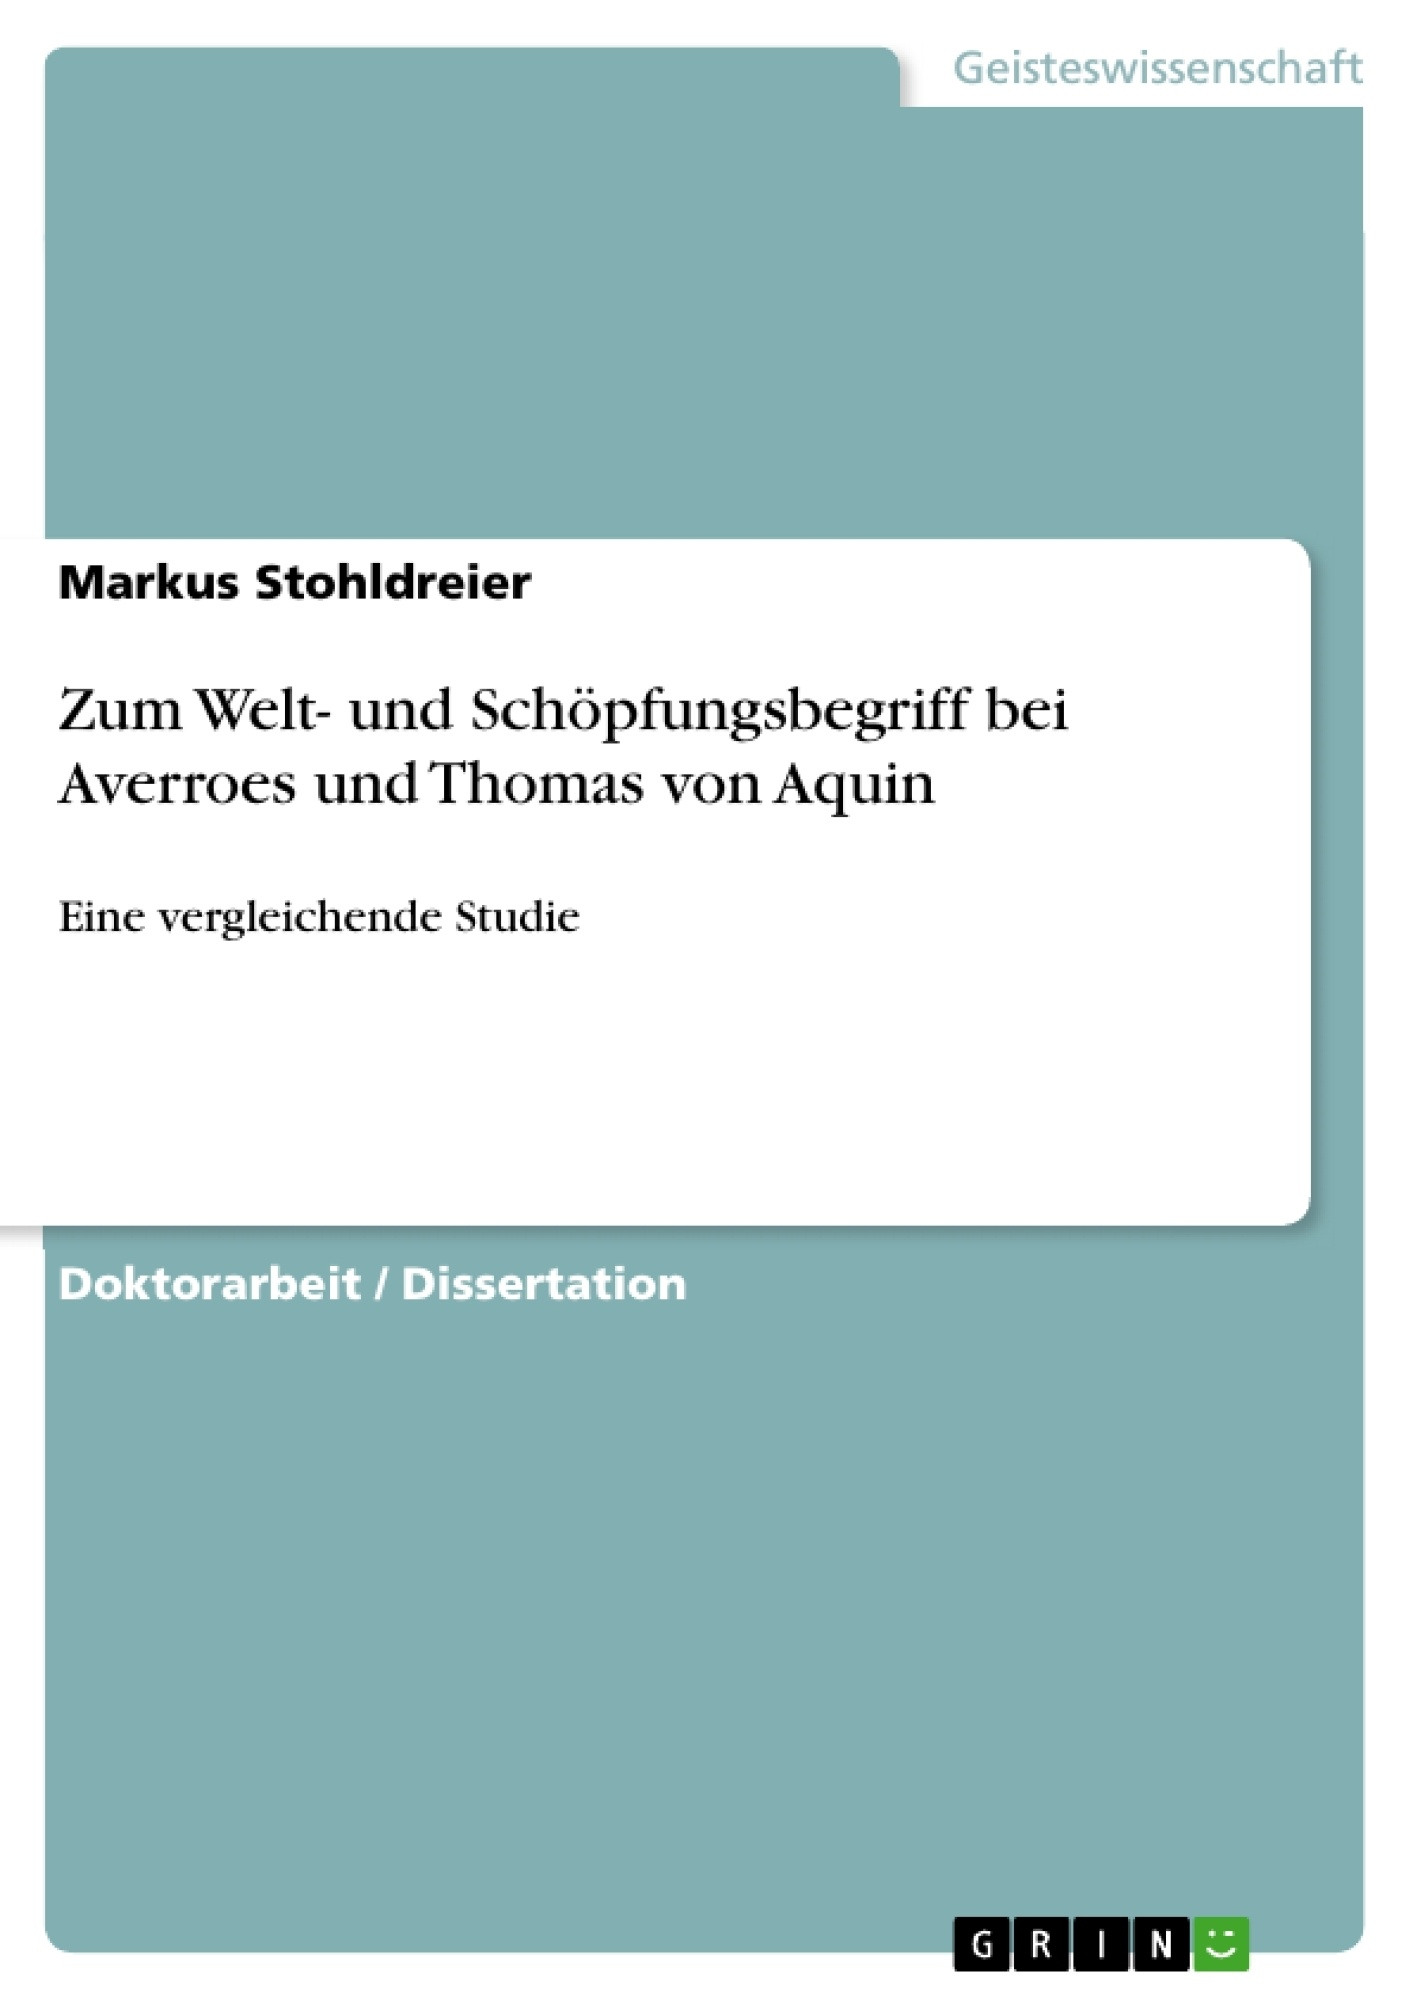 Titel: Zum Welt- und Schöpfungsbegriff bei Averroes und Thomas von Aquin